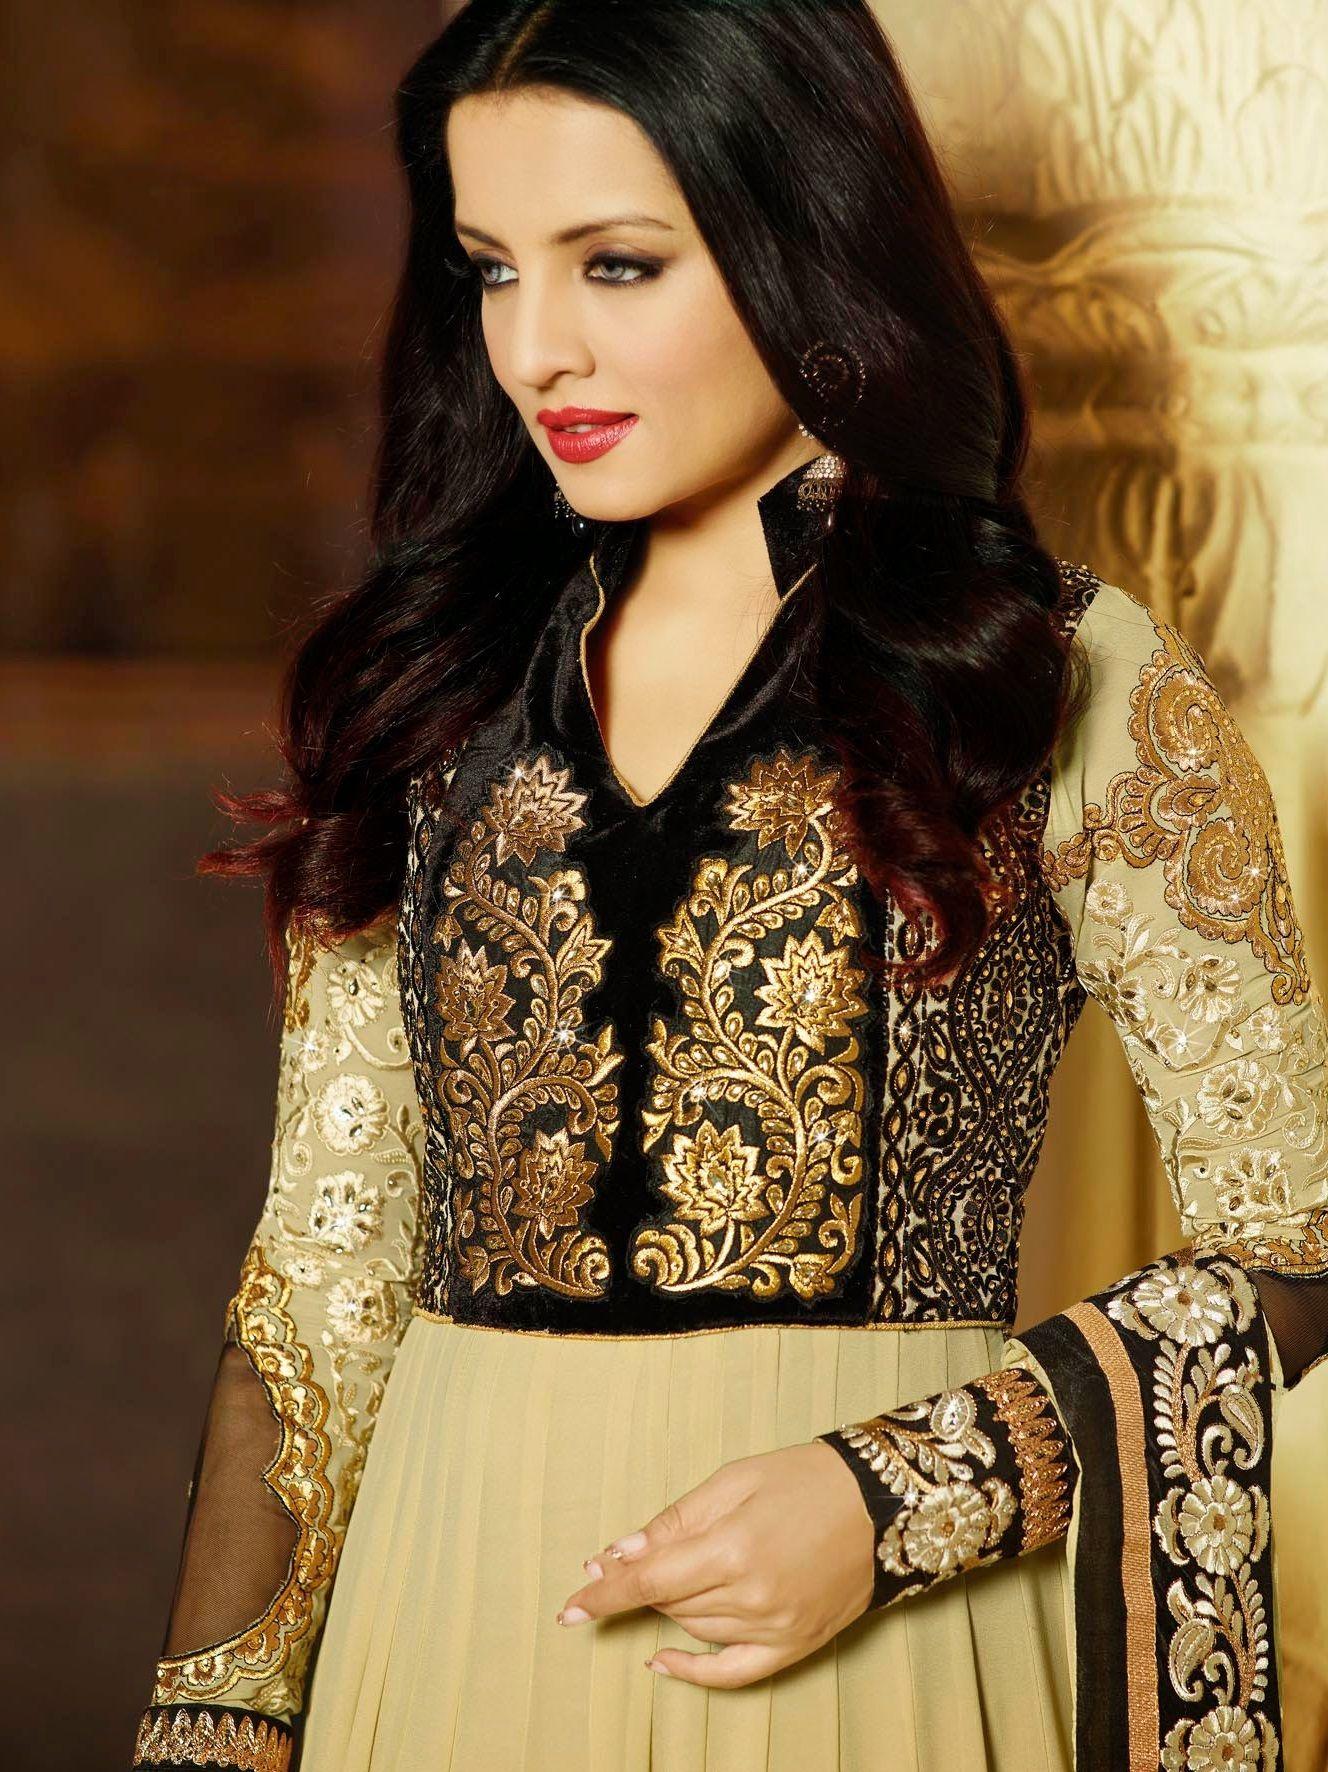 أحدث وأجمل موديلات الفساتين الهندية قطع أصلية 100 مستوردة من مصمميها للطلب والاستعلام يرجى الاتصال على 0096277753 Moroccan Dress Moroccan Fashion Caftan Dress